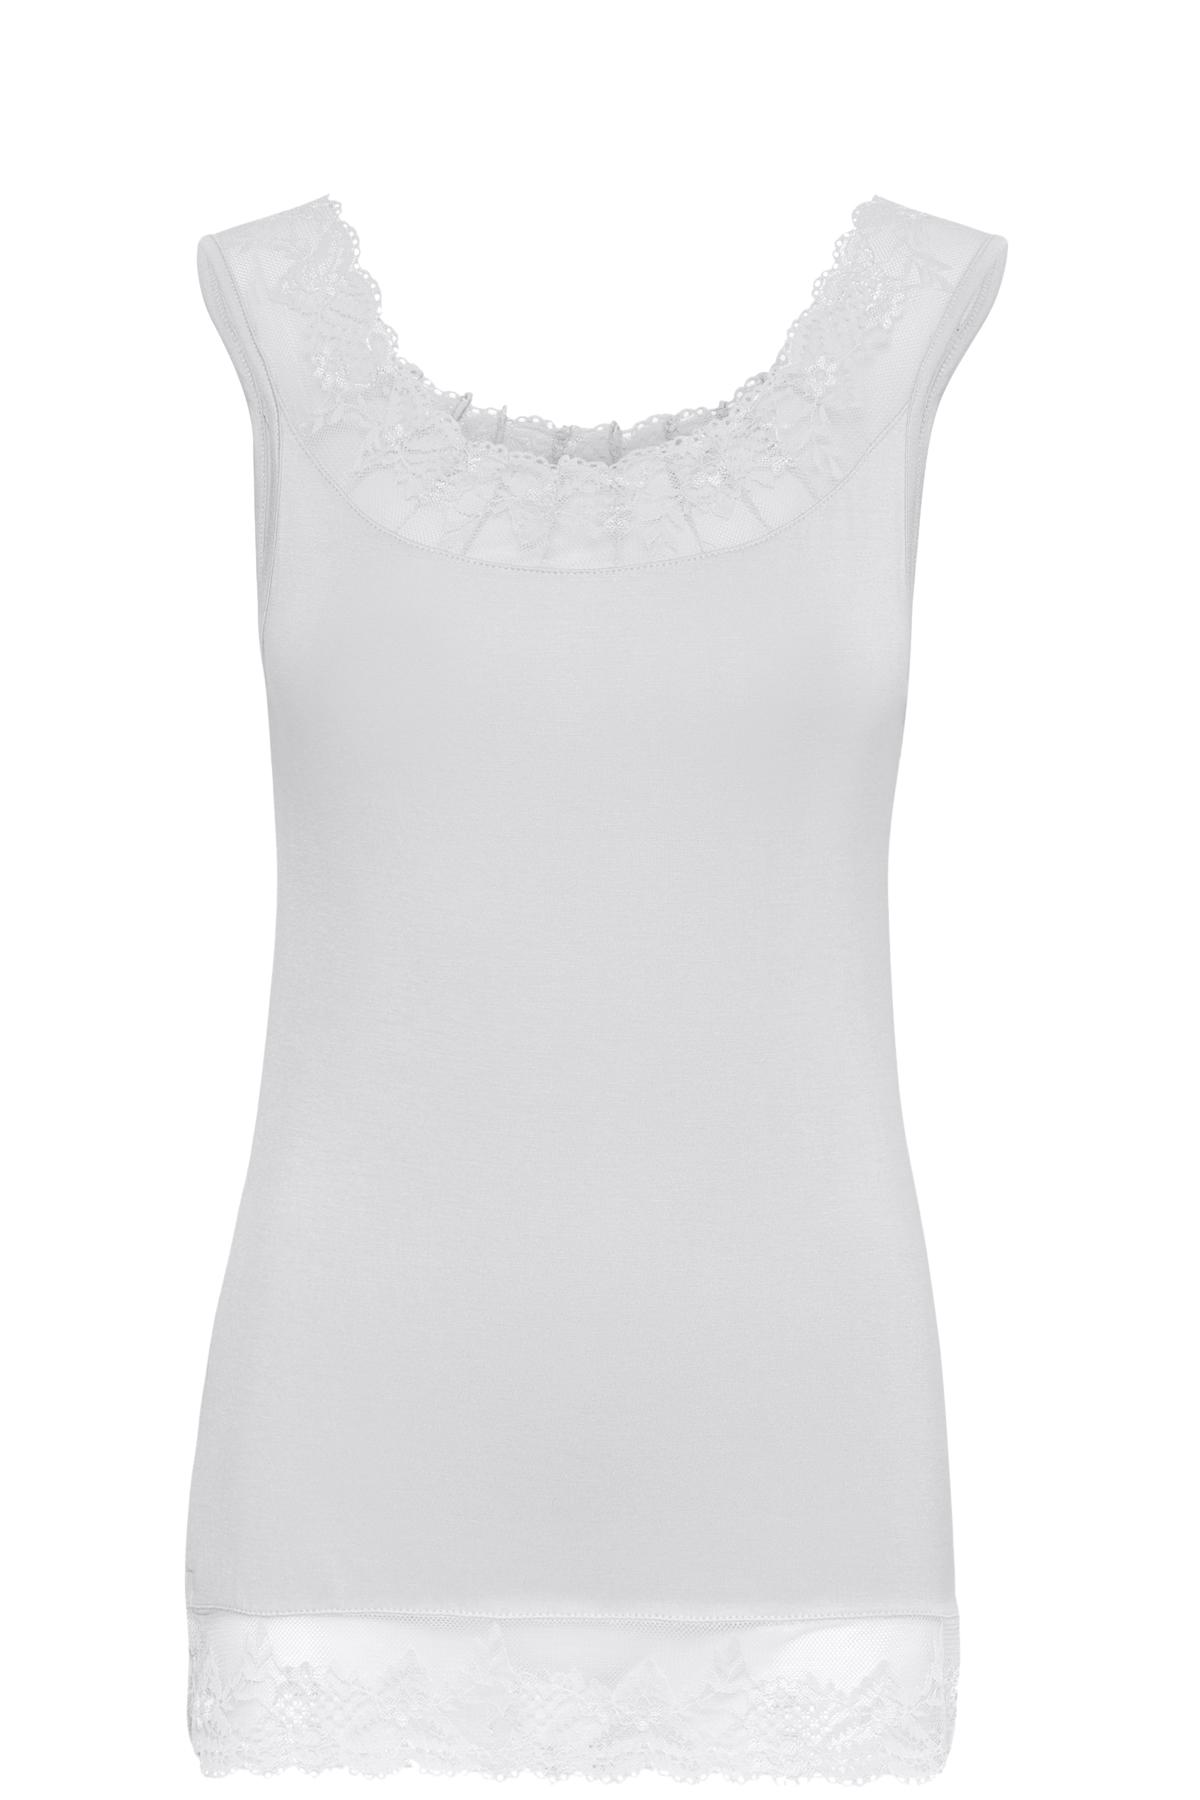 Image of Cream Dame Jerseytop - Hvid